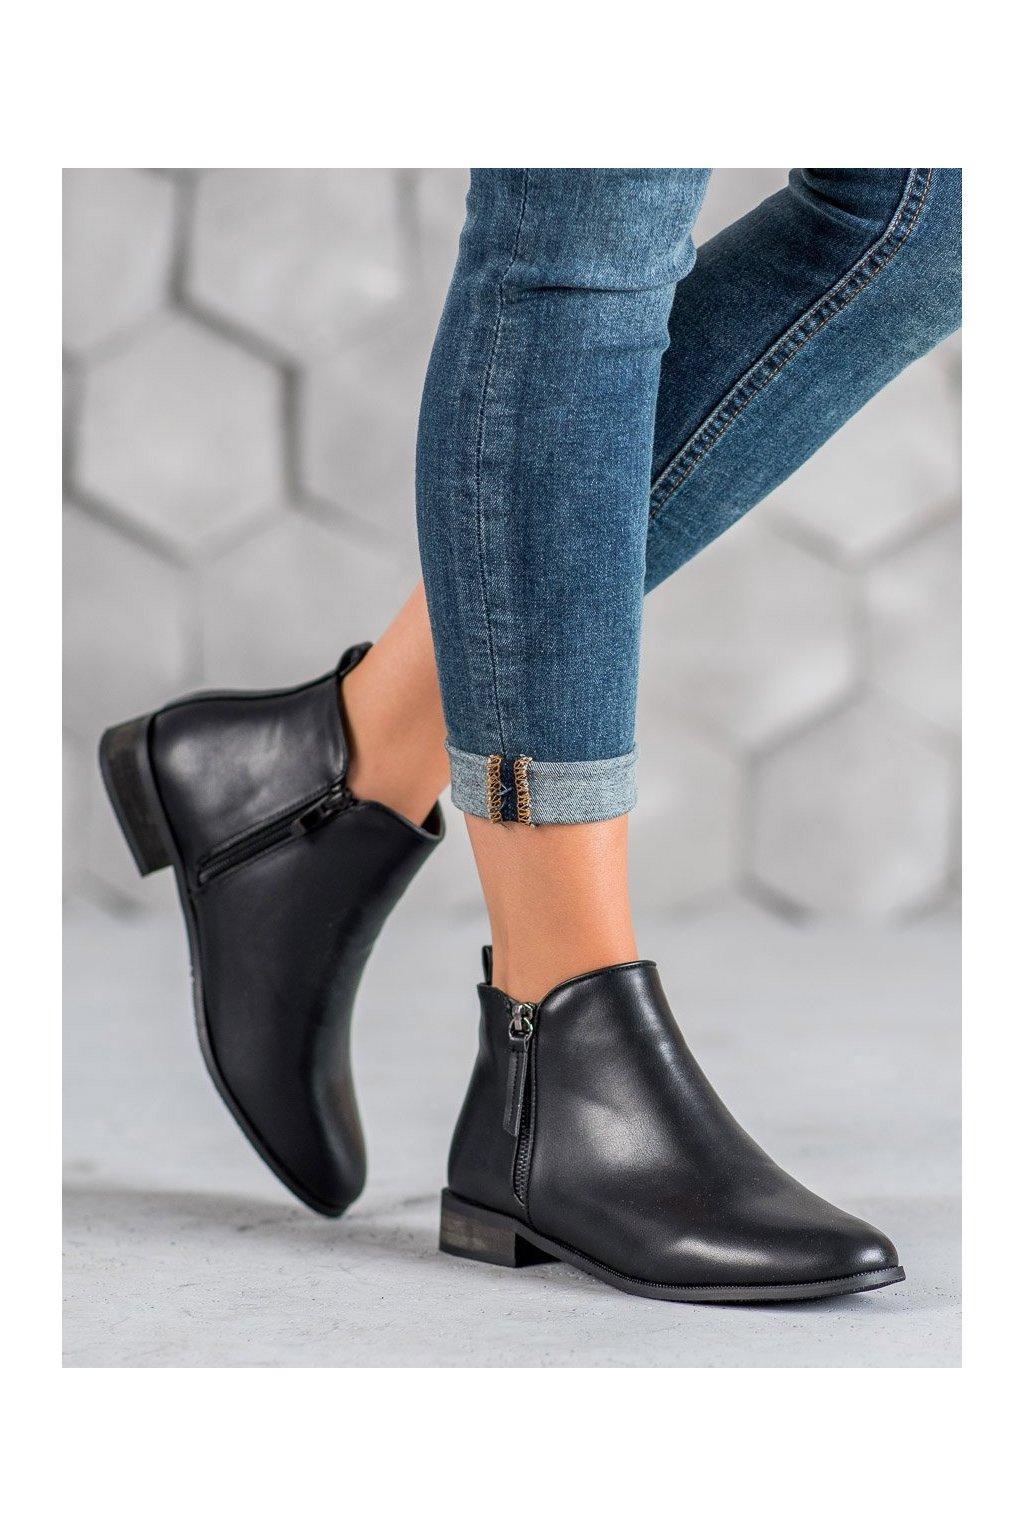 Čierne dámske topánky na plochom podpätku Cm paris kod 688-44B